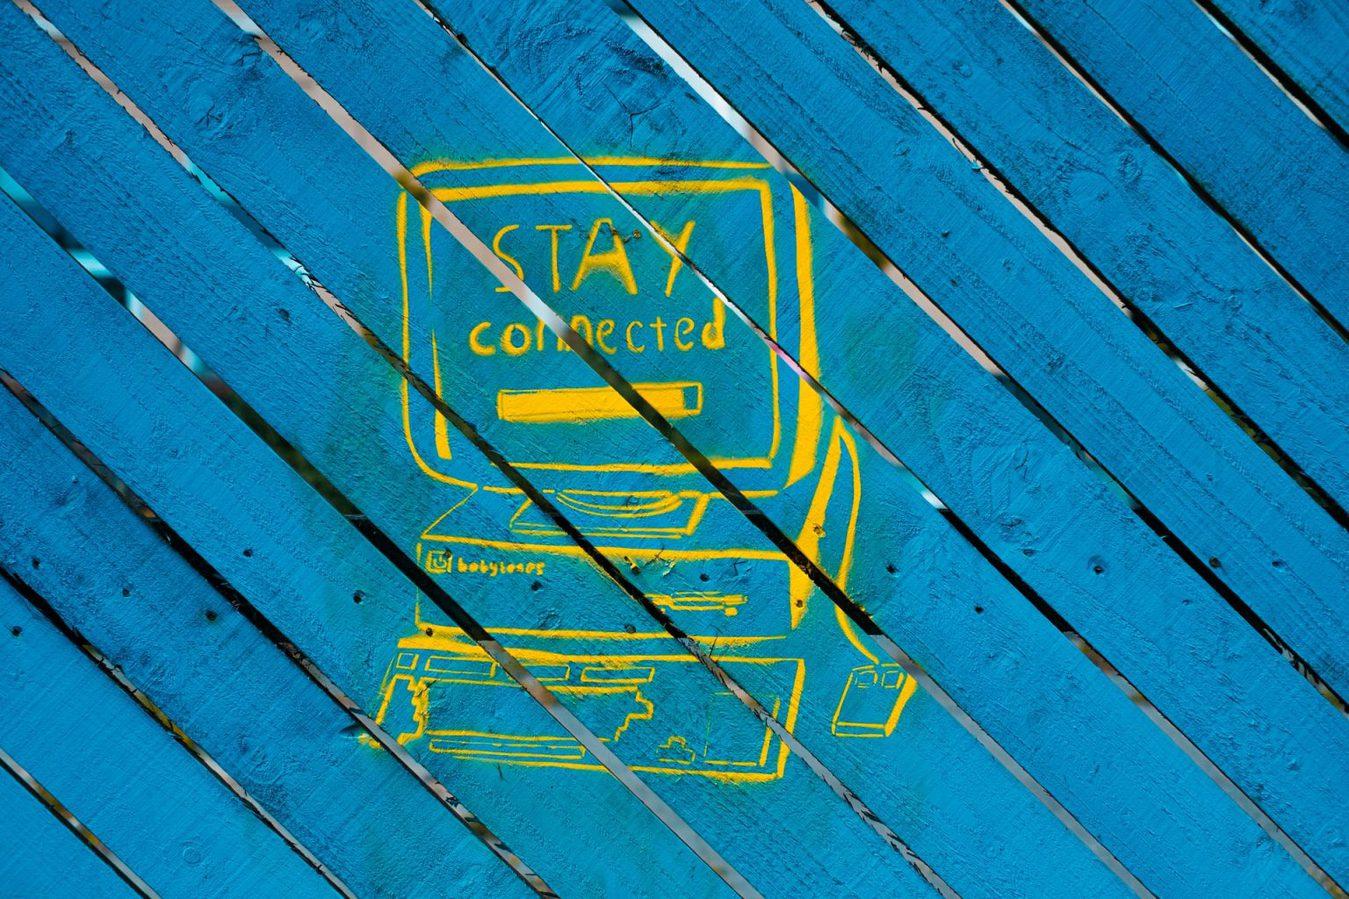 Tekening van een computer beeldscherm op een blauwe achtergrond